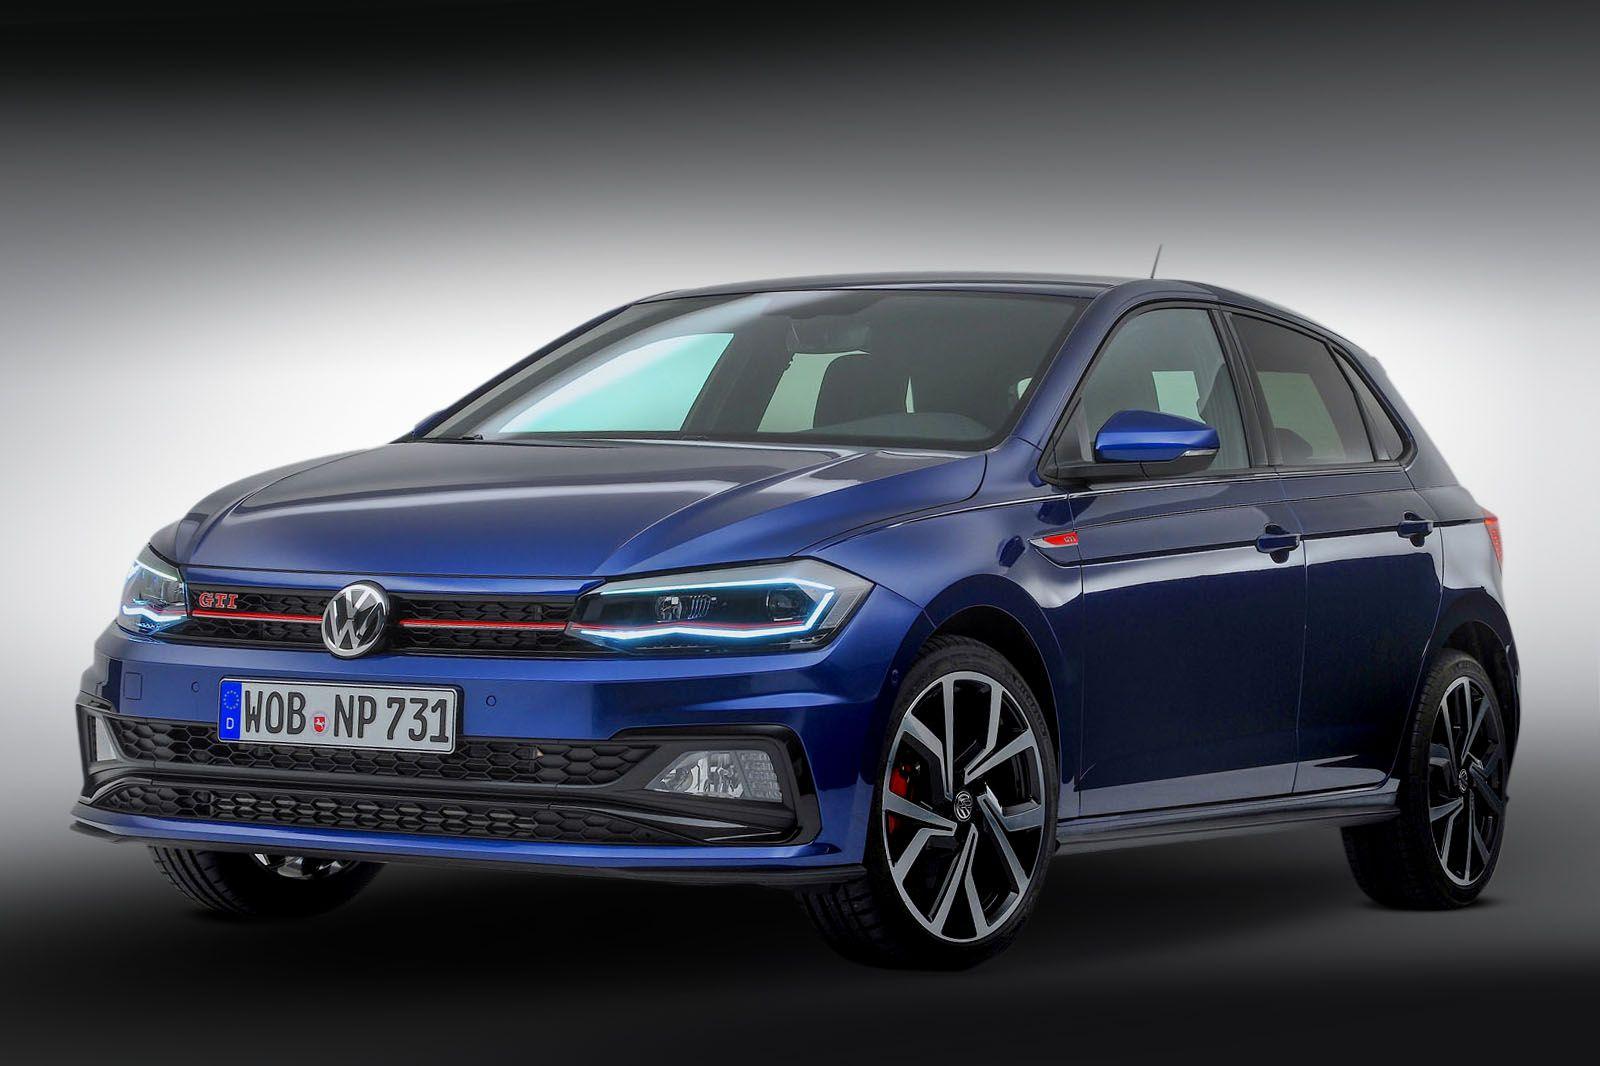 [Kaufdeal] VW Polo GTI DSG (200PS), ACC, SHZ, PDC uvm, -30%, Fahrzeug ist konfigurierbar. / EZ 03/2020